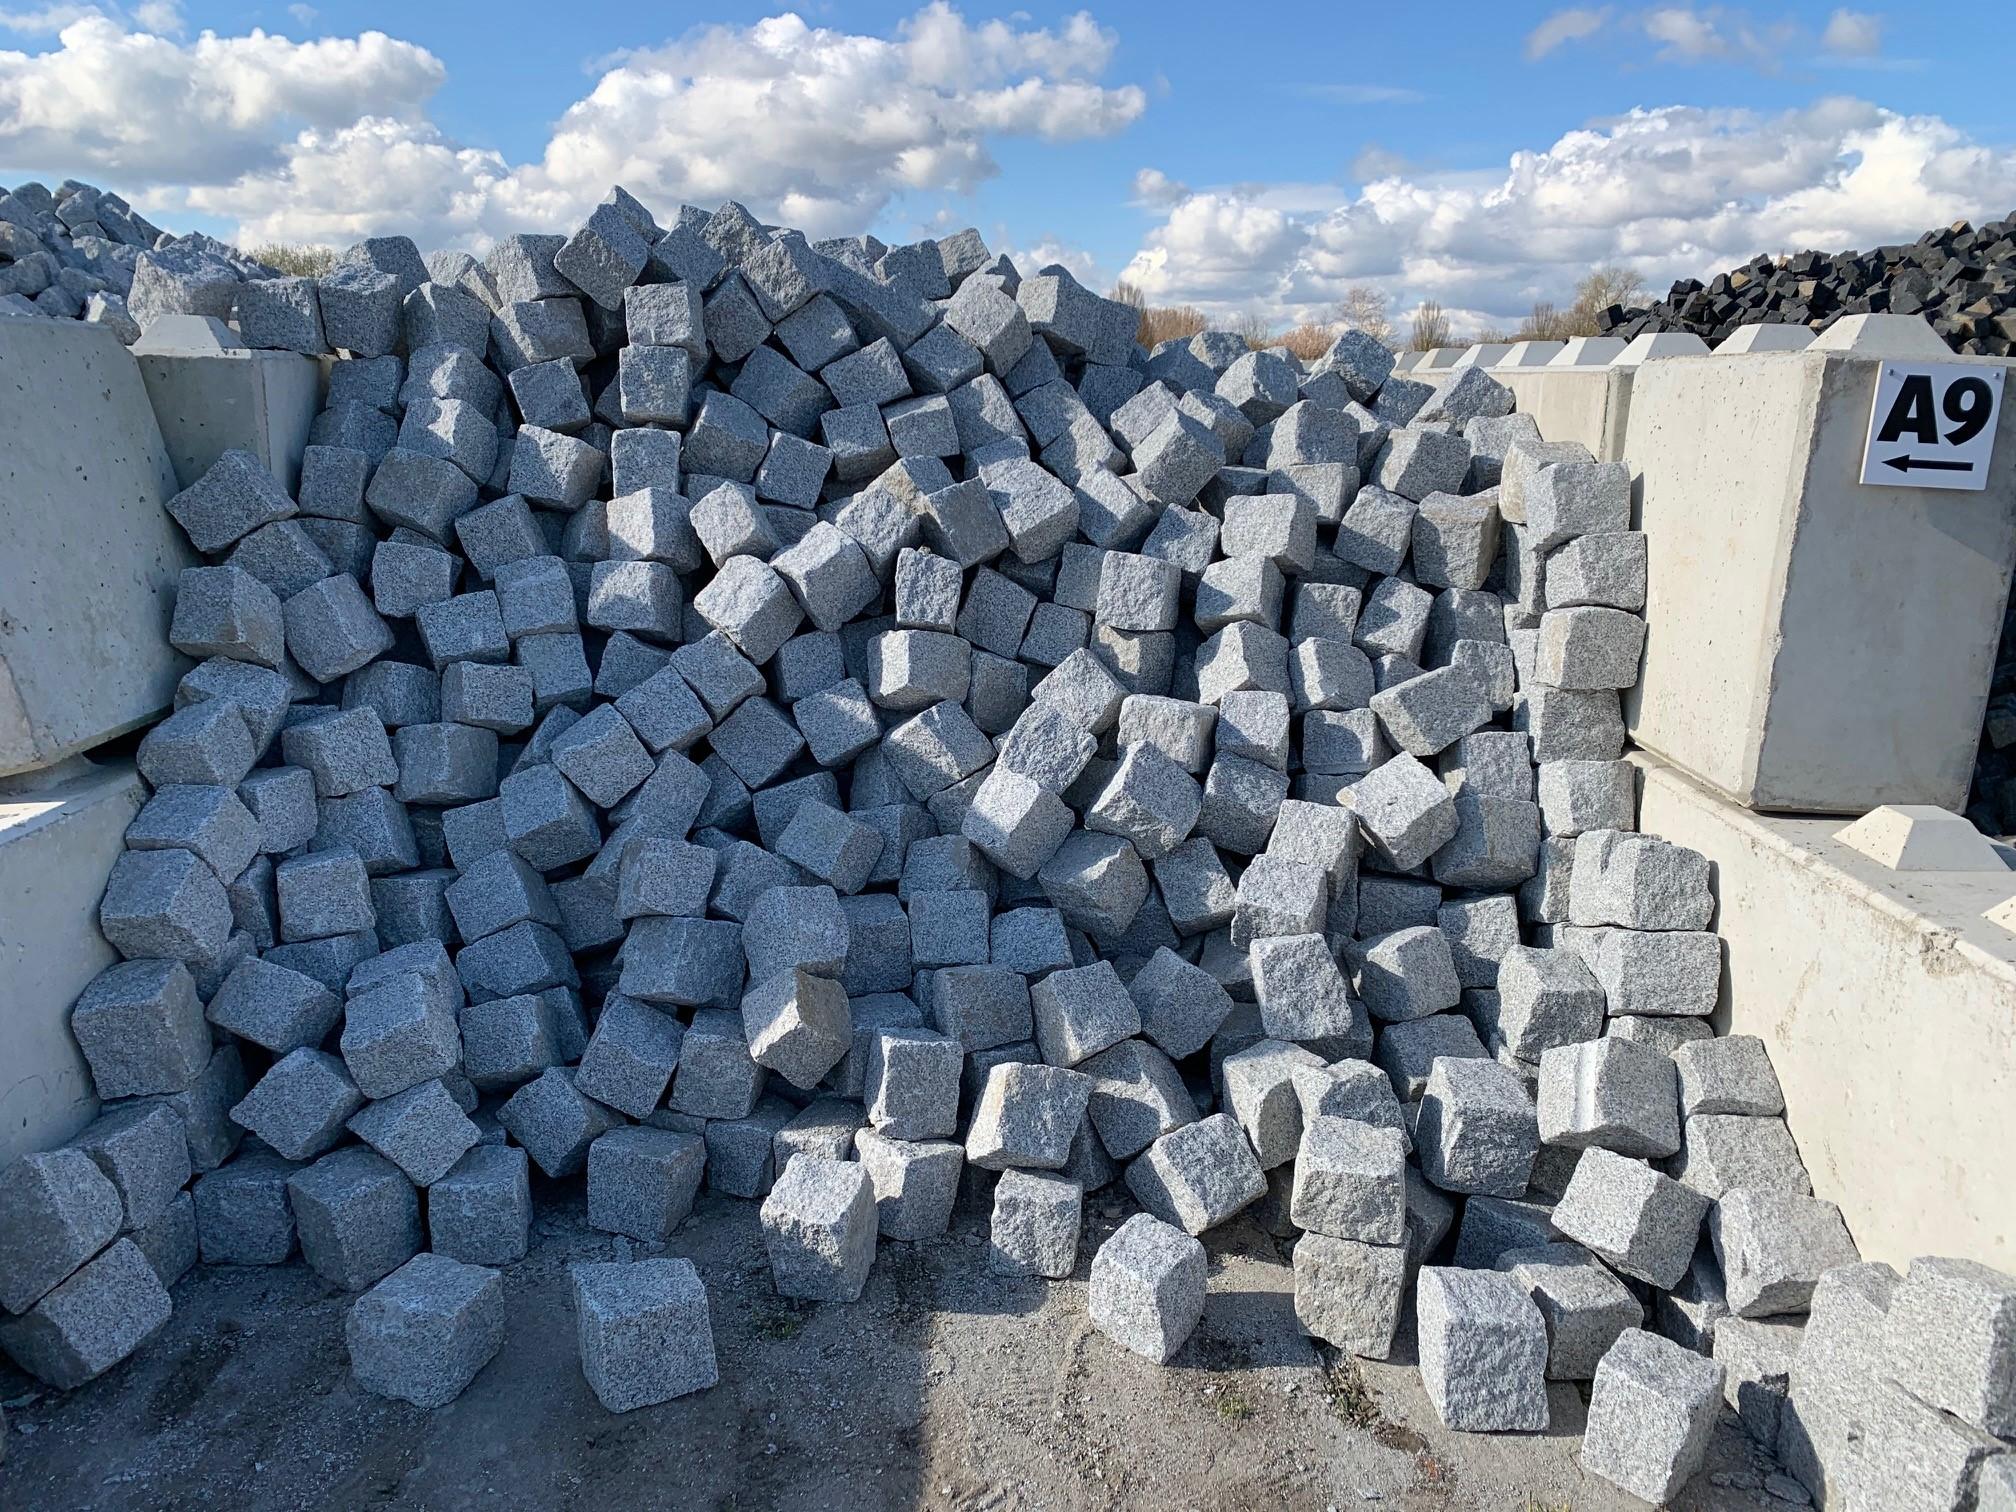 granit-großpflaster-15-17-gespalten-hellgrau-feinkorn